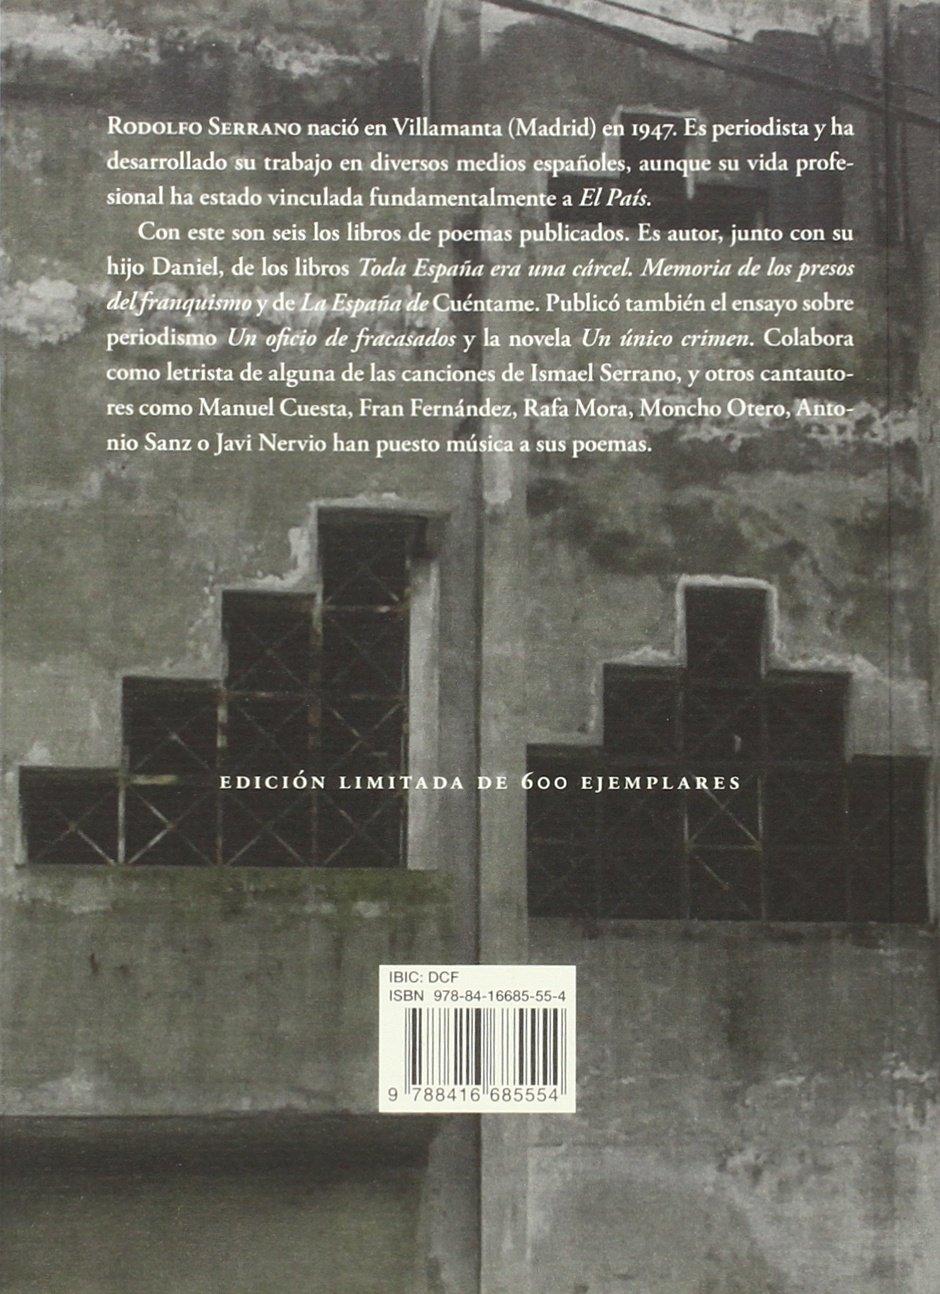 Fábricas abandonadas: y nueve poemas inéditos. Antología poética 1989-2016 Otros títulos: Amazon.es: Serrano, Rodolfo, Latonda, Adán: Libros